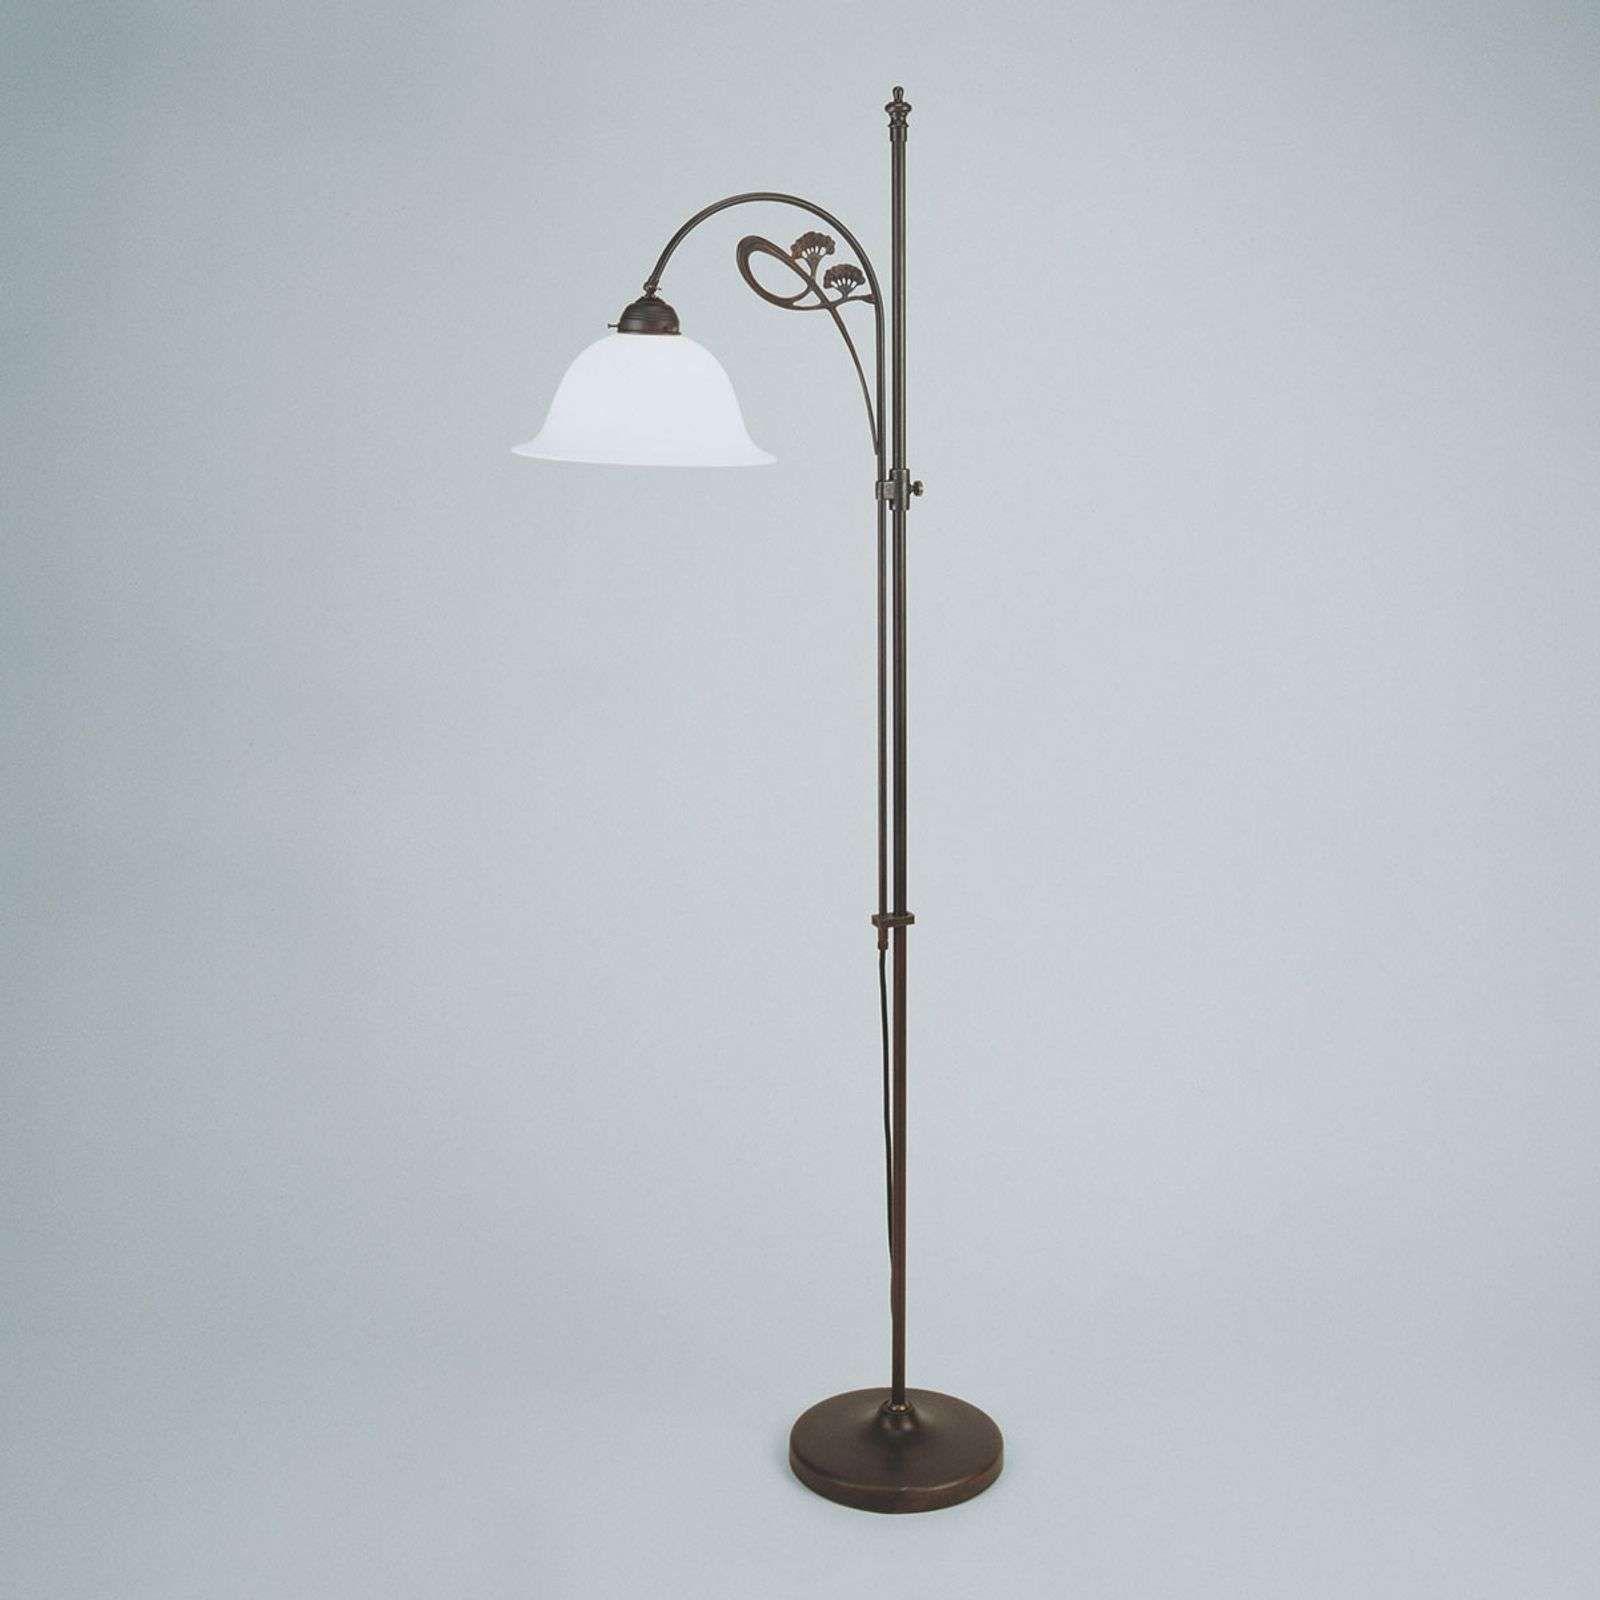 Full Size of Stehlampe Dimmbar Dezente Stehleuchte Ilka Schlafzimmer Stehlampen Wohnzimmer Wohnzimmer Stehlampe Dimmbar